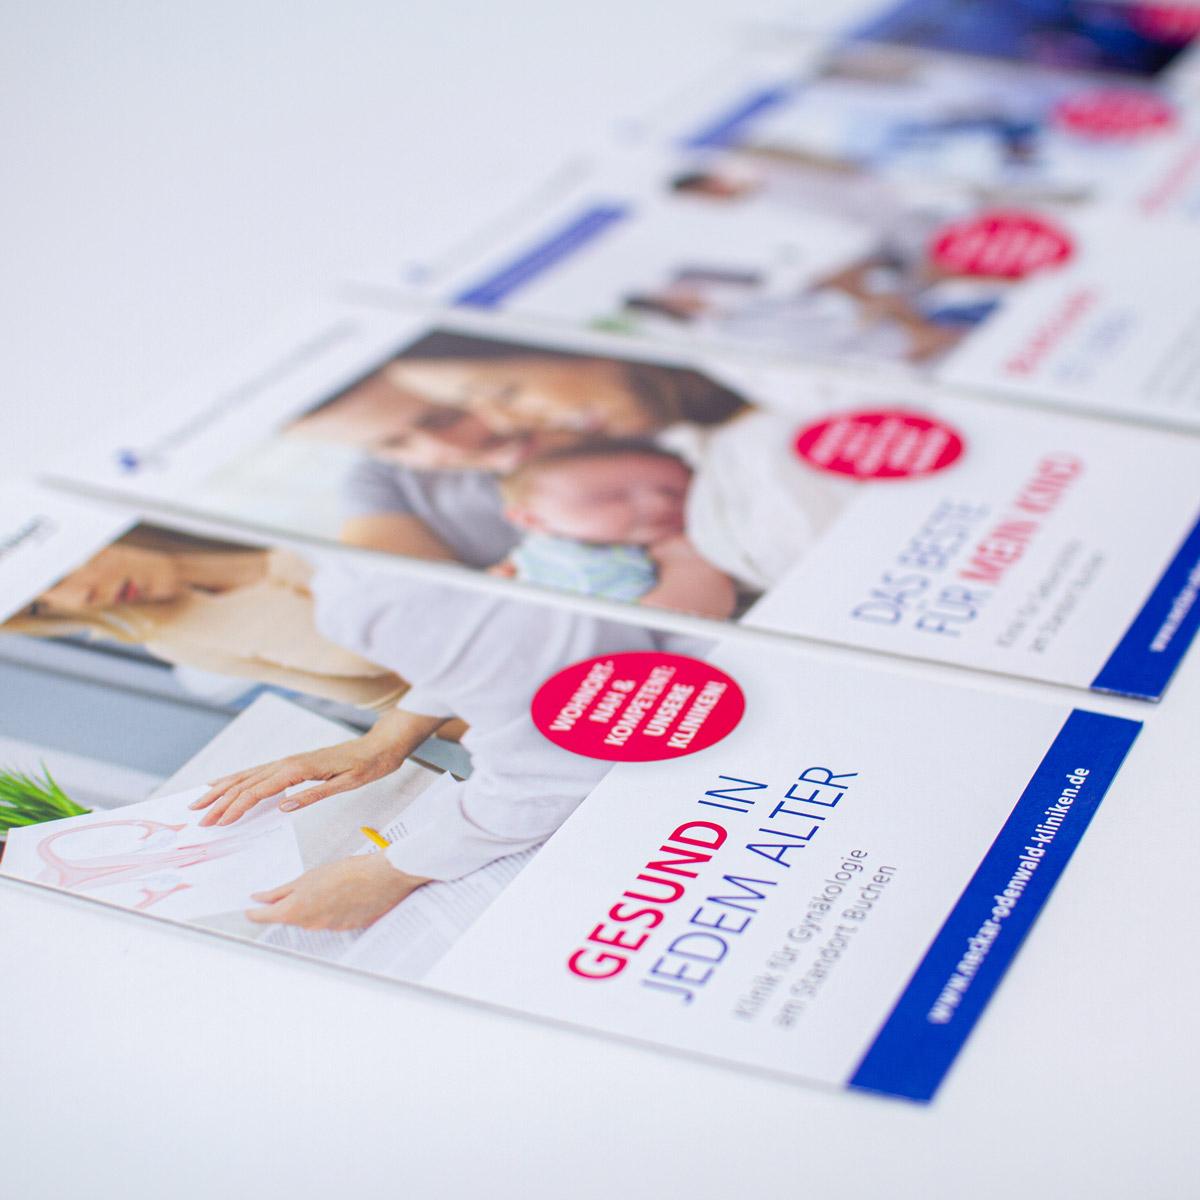 Flyer & Plakate für die Neckar-Odenwald-Kliniken